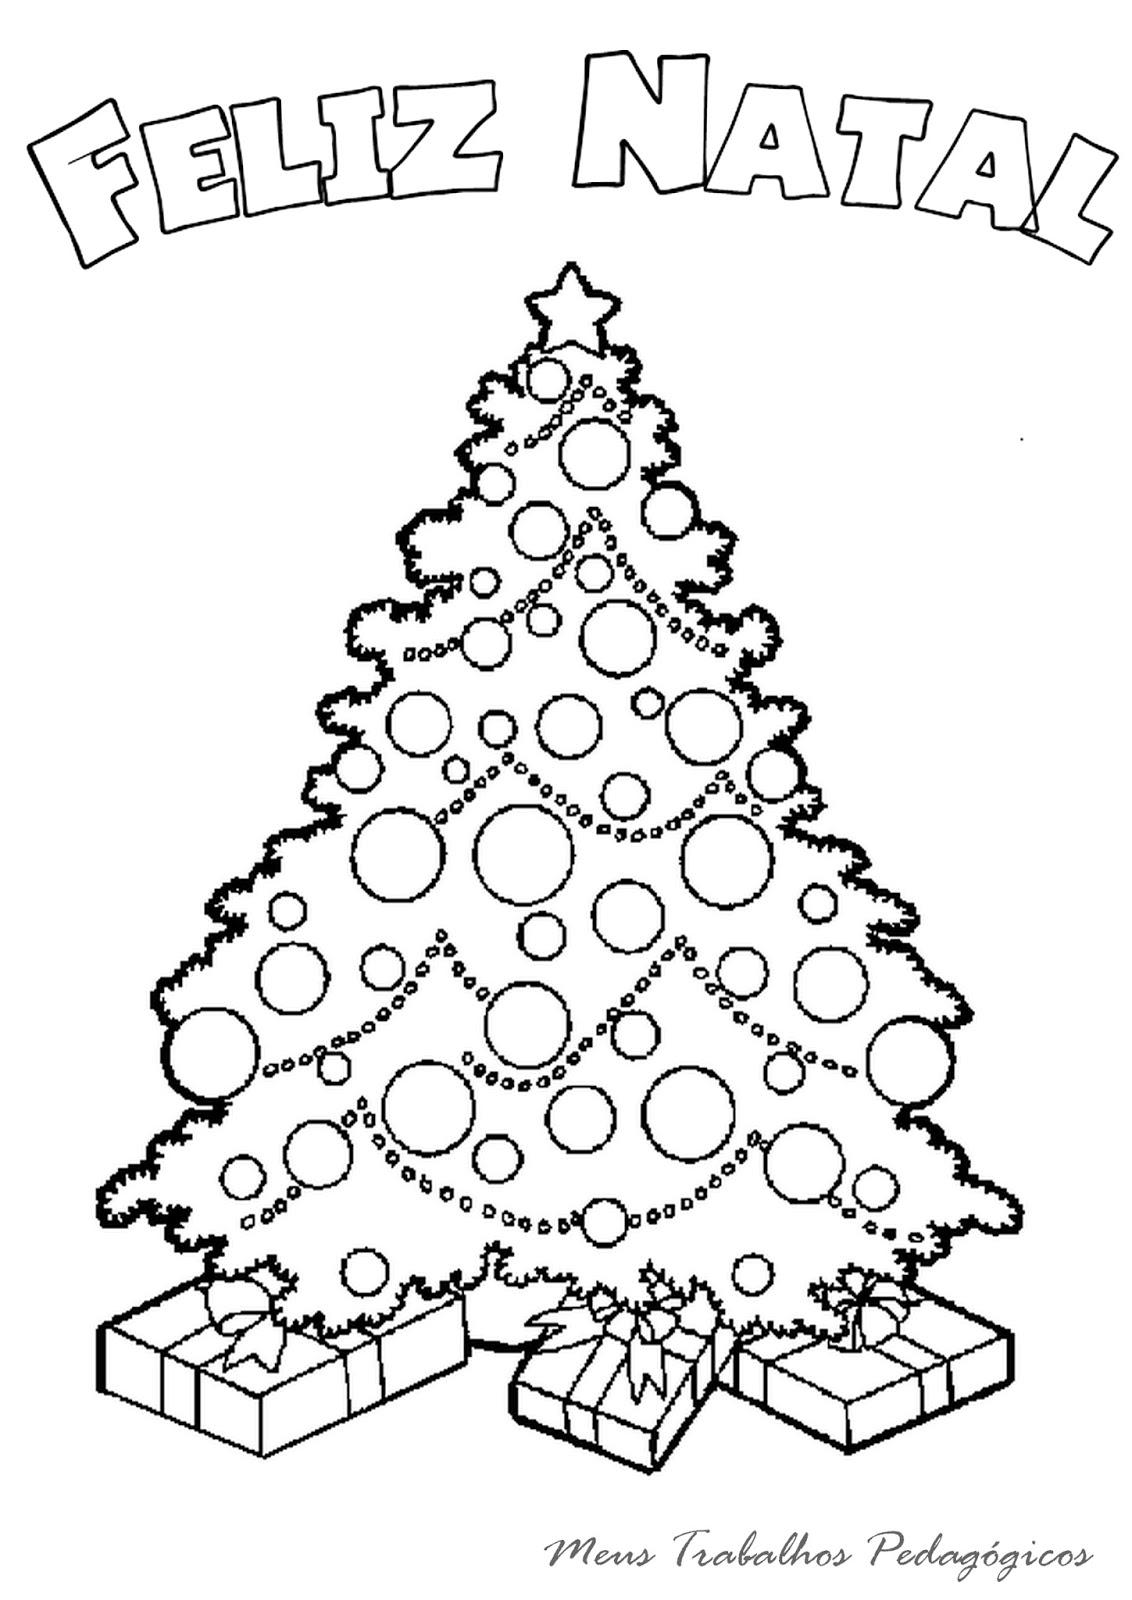 Meus Trabalhos Pedagogicos Desenhos De Arvore De Natal Para Colorir